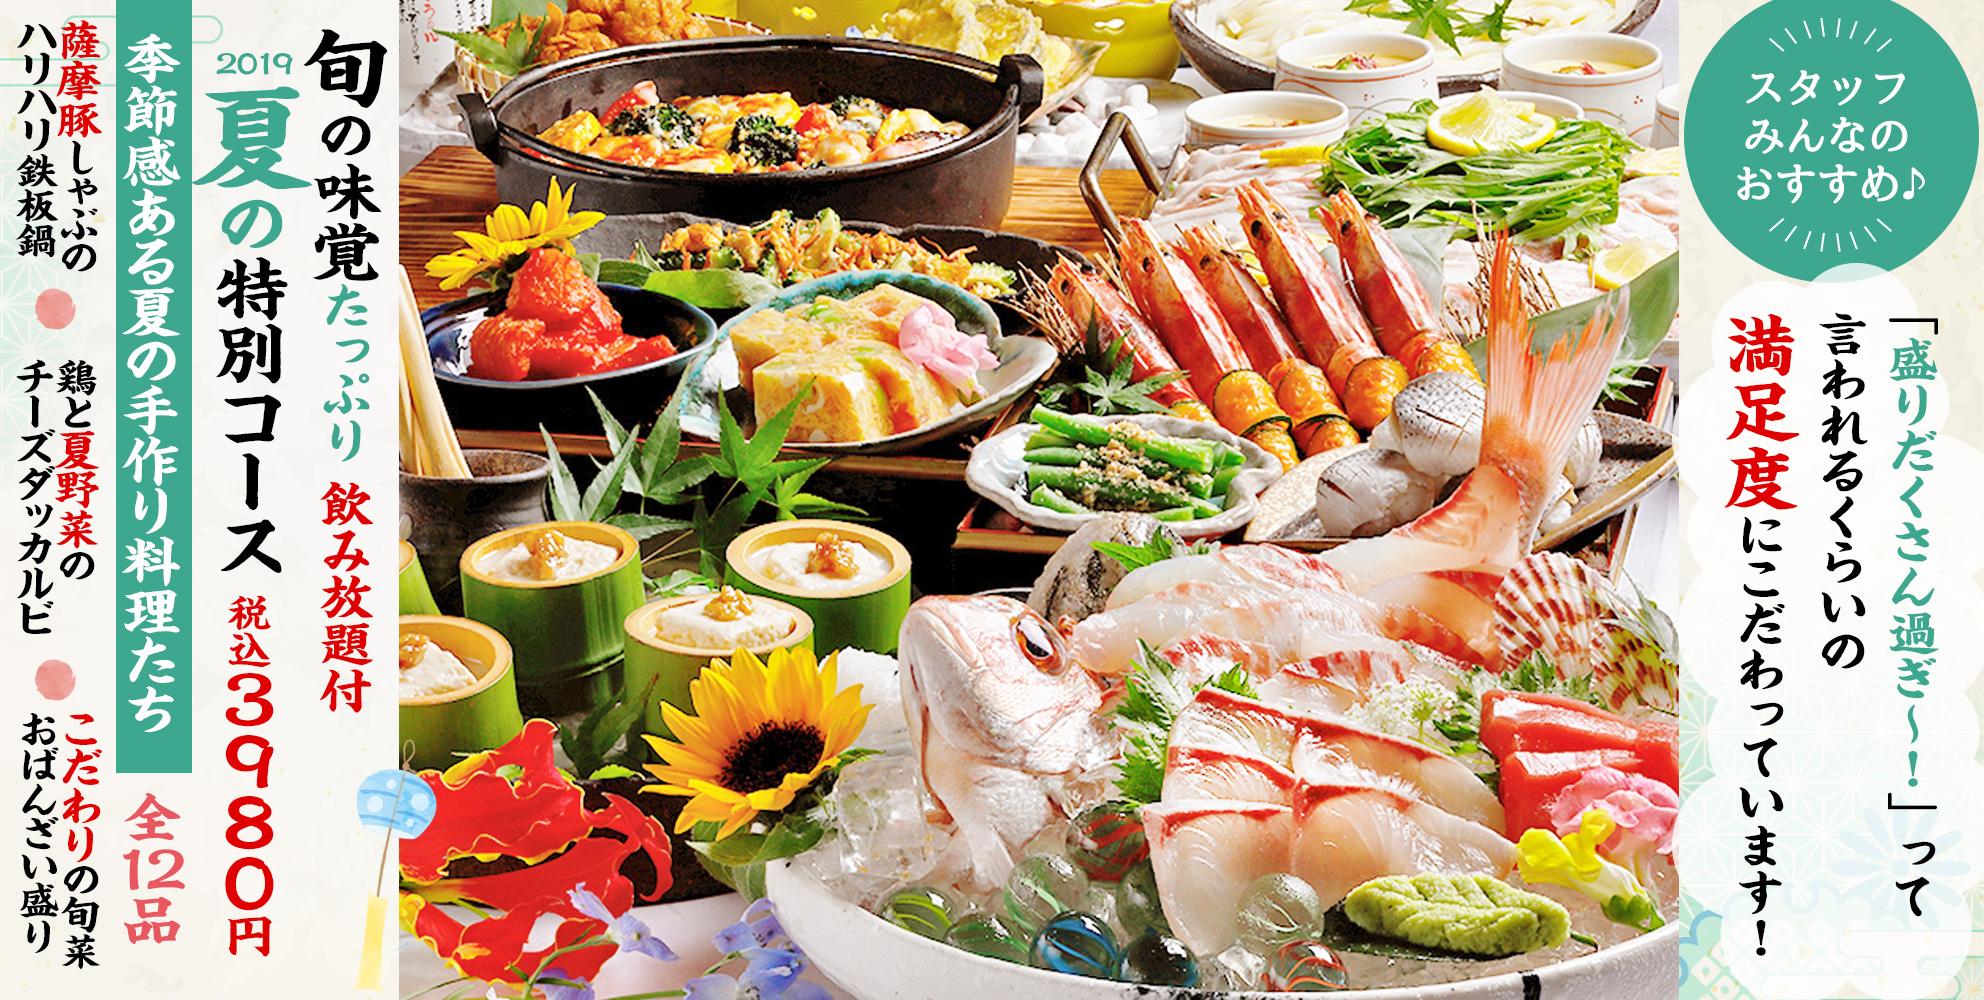 季節の宴会コース